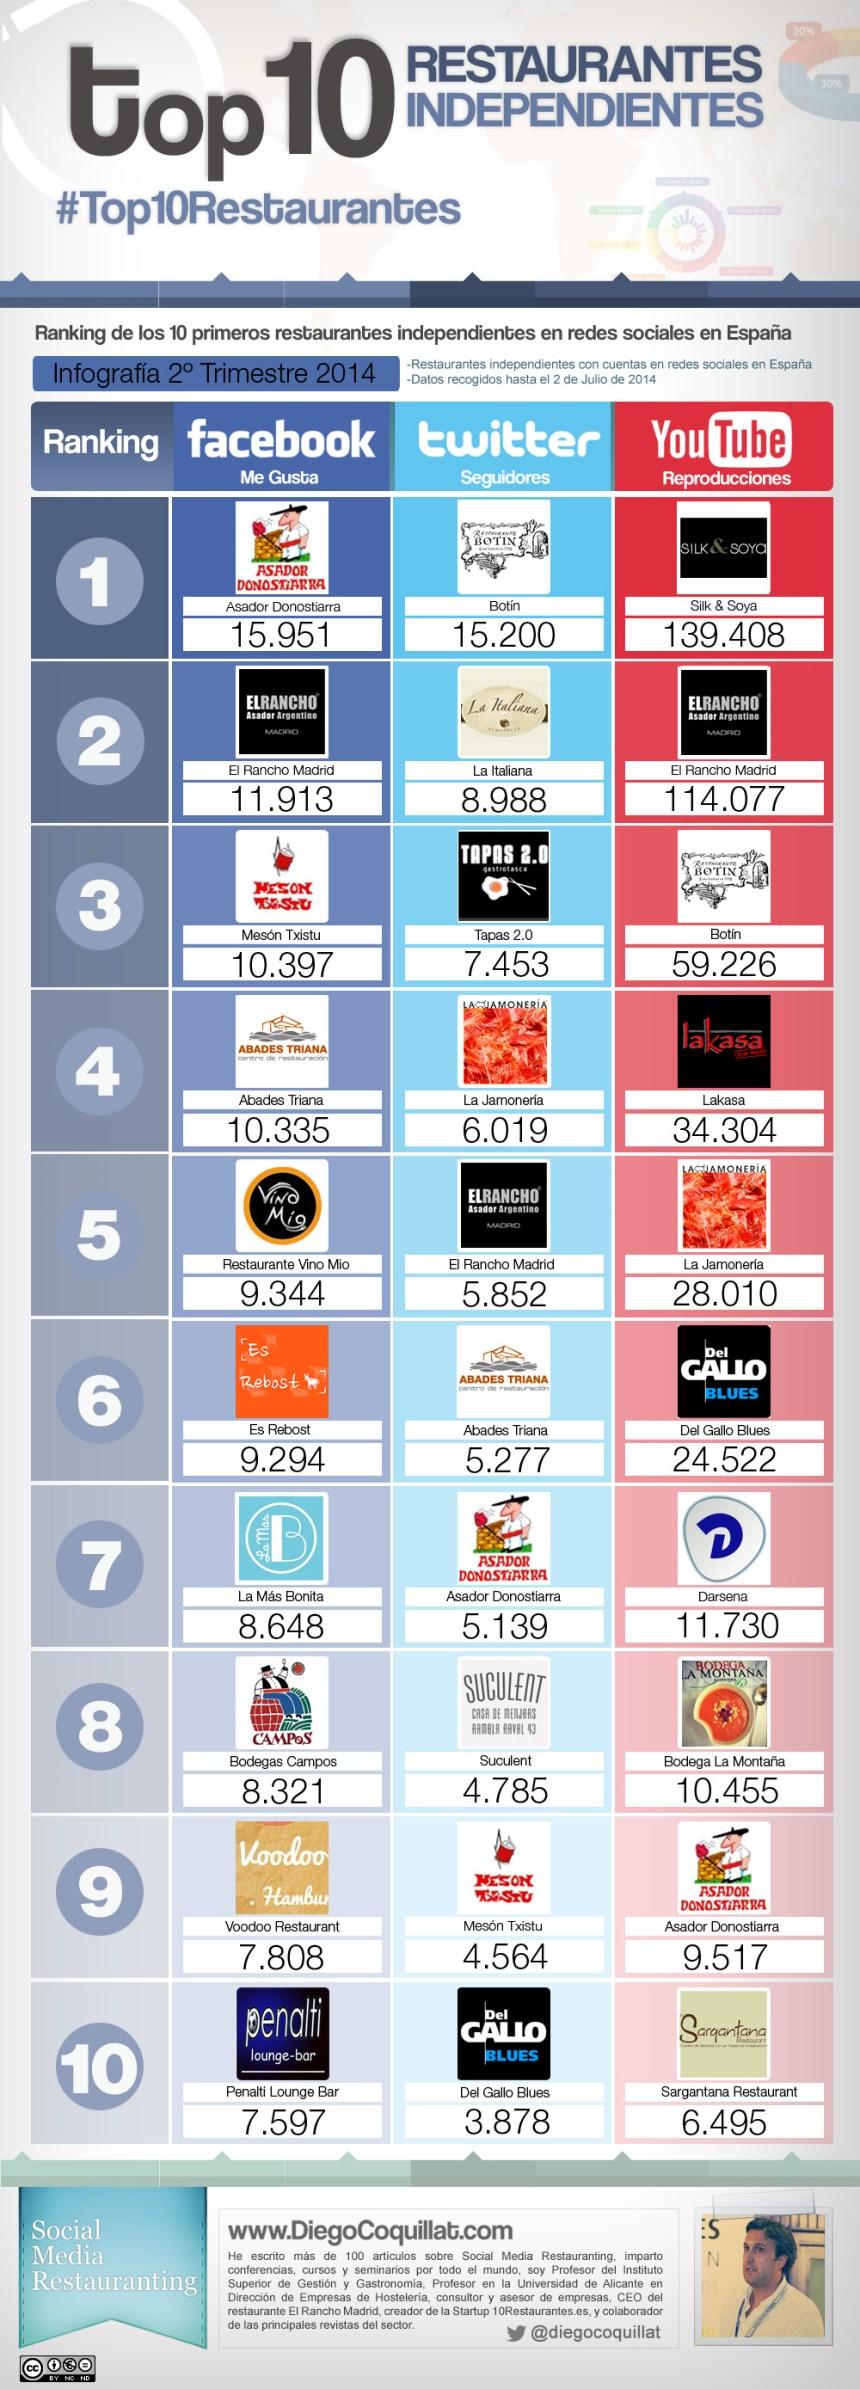 Top 10 restaurantes independientes en redes sociales España 2014 (2T)